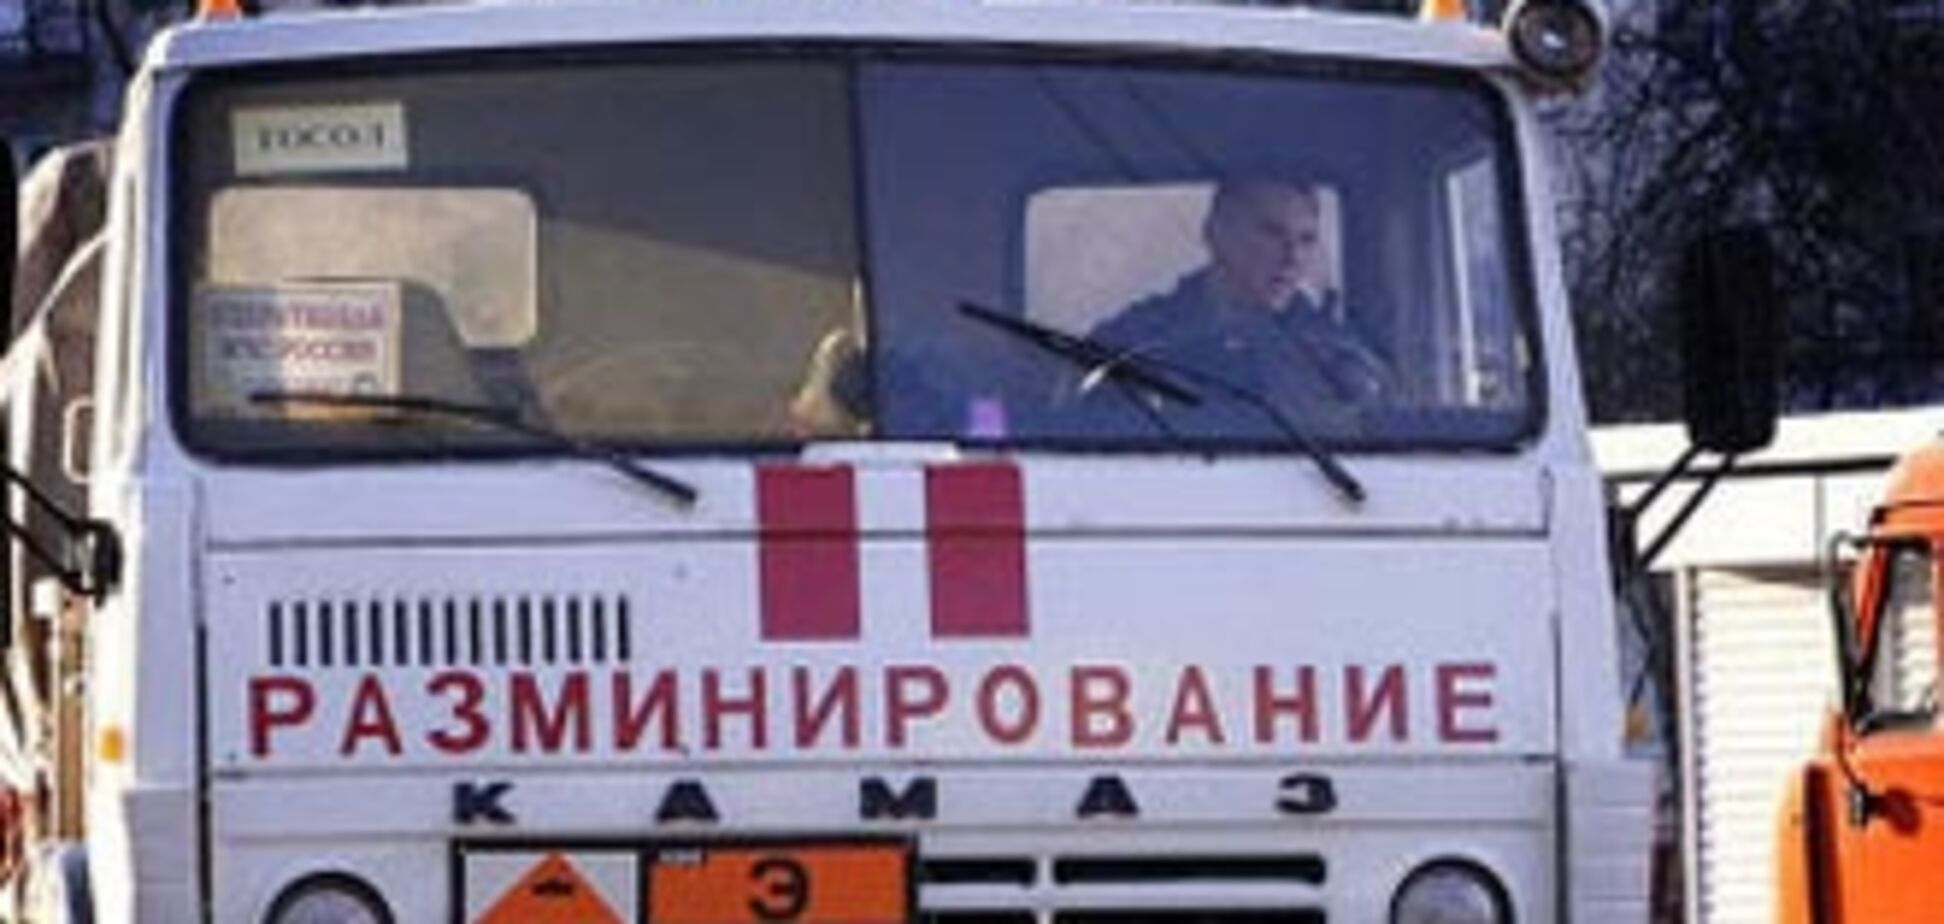 Через загрозу вибуху в Москві евакуюють дитсадок і лікарню